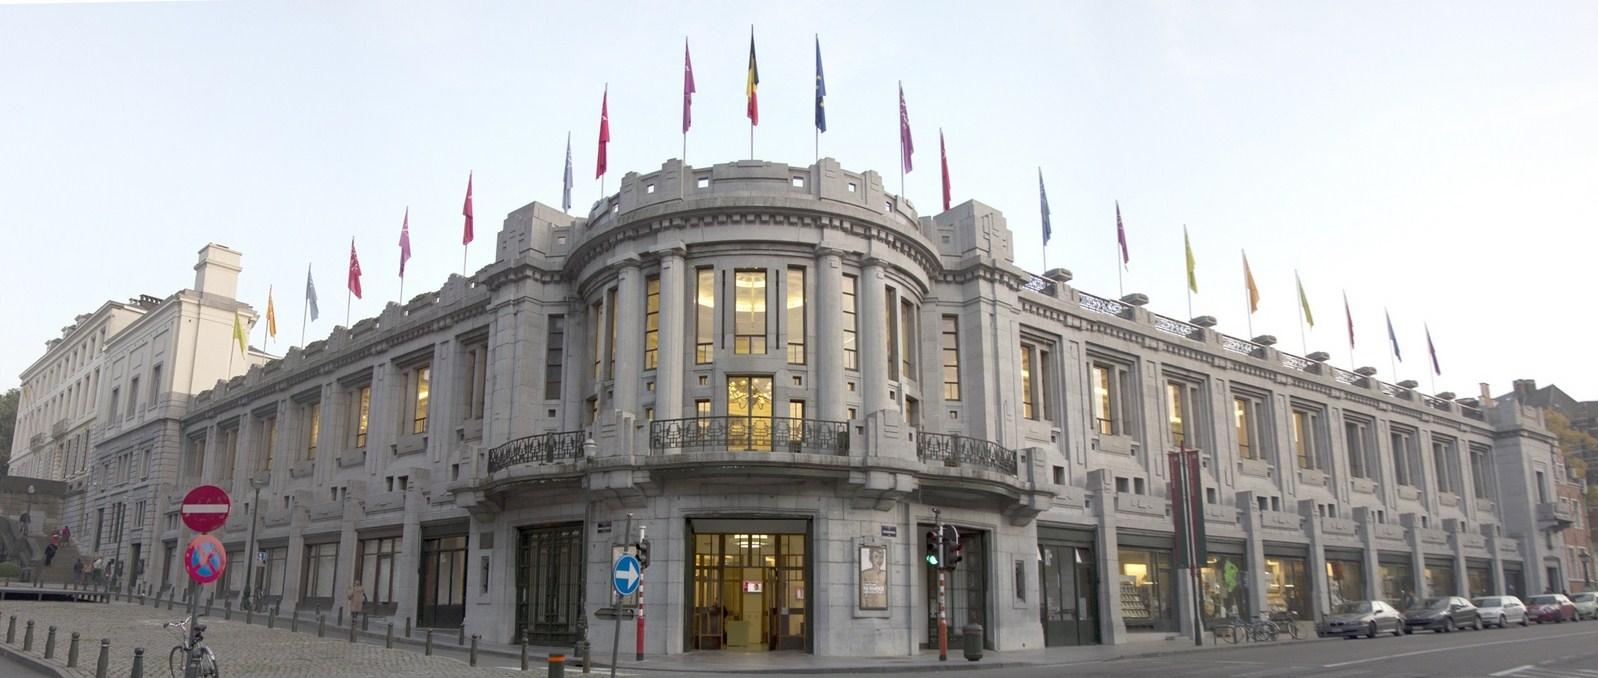 Palais des Beaux-Arts Bruxelles